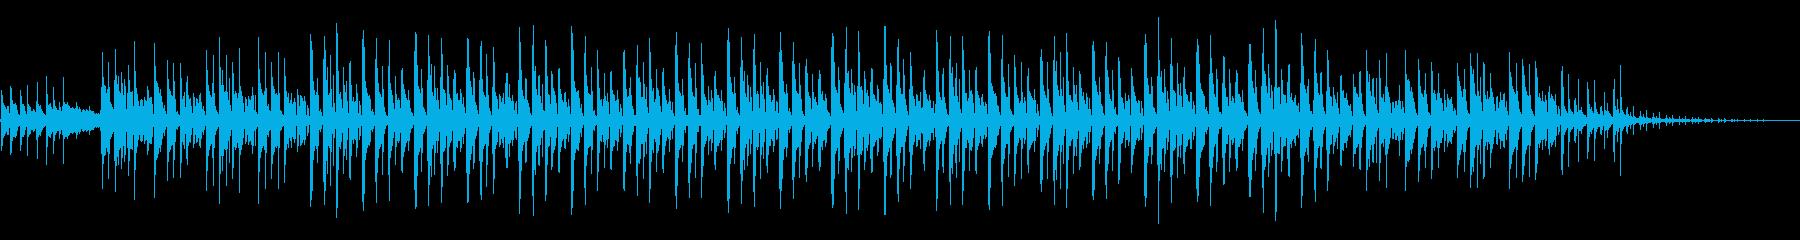 涼しげな和風の三味線テクノの再生済みの波形